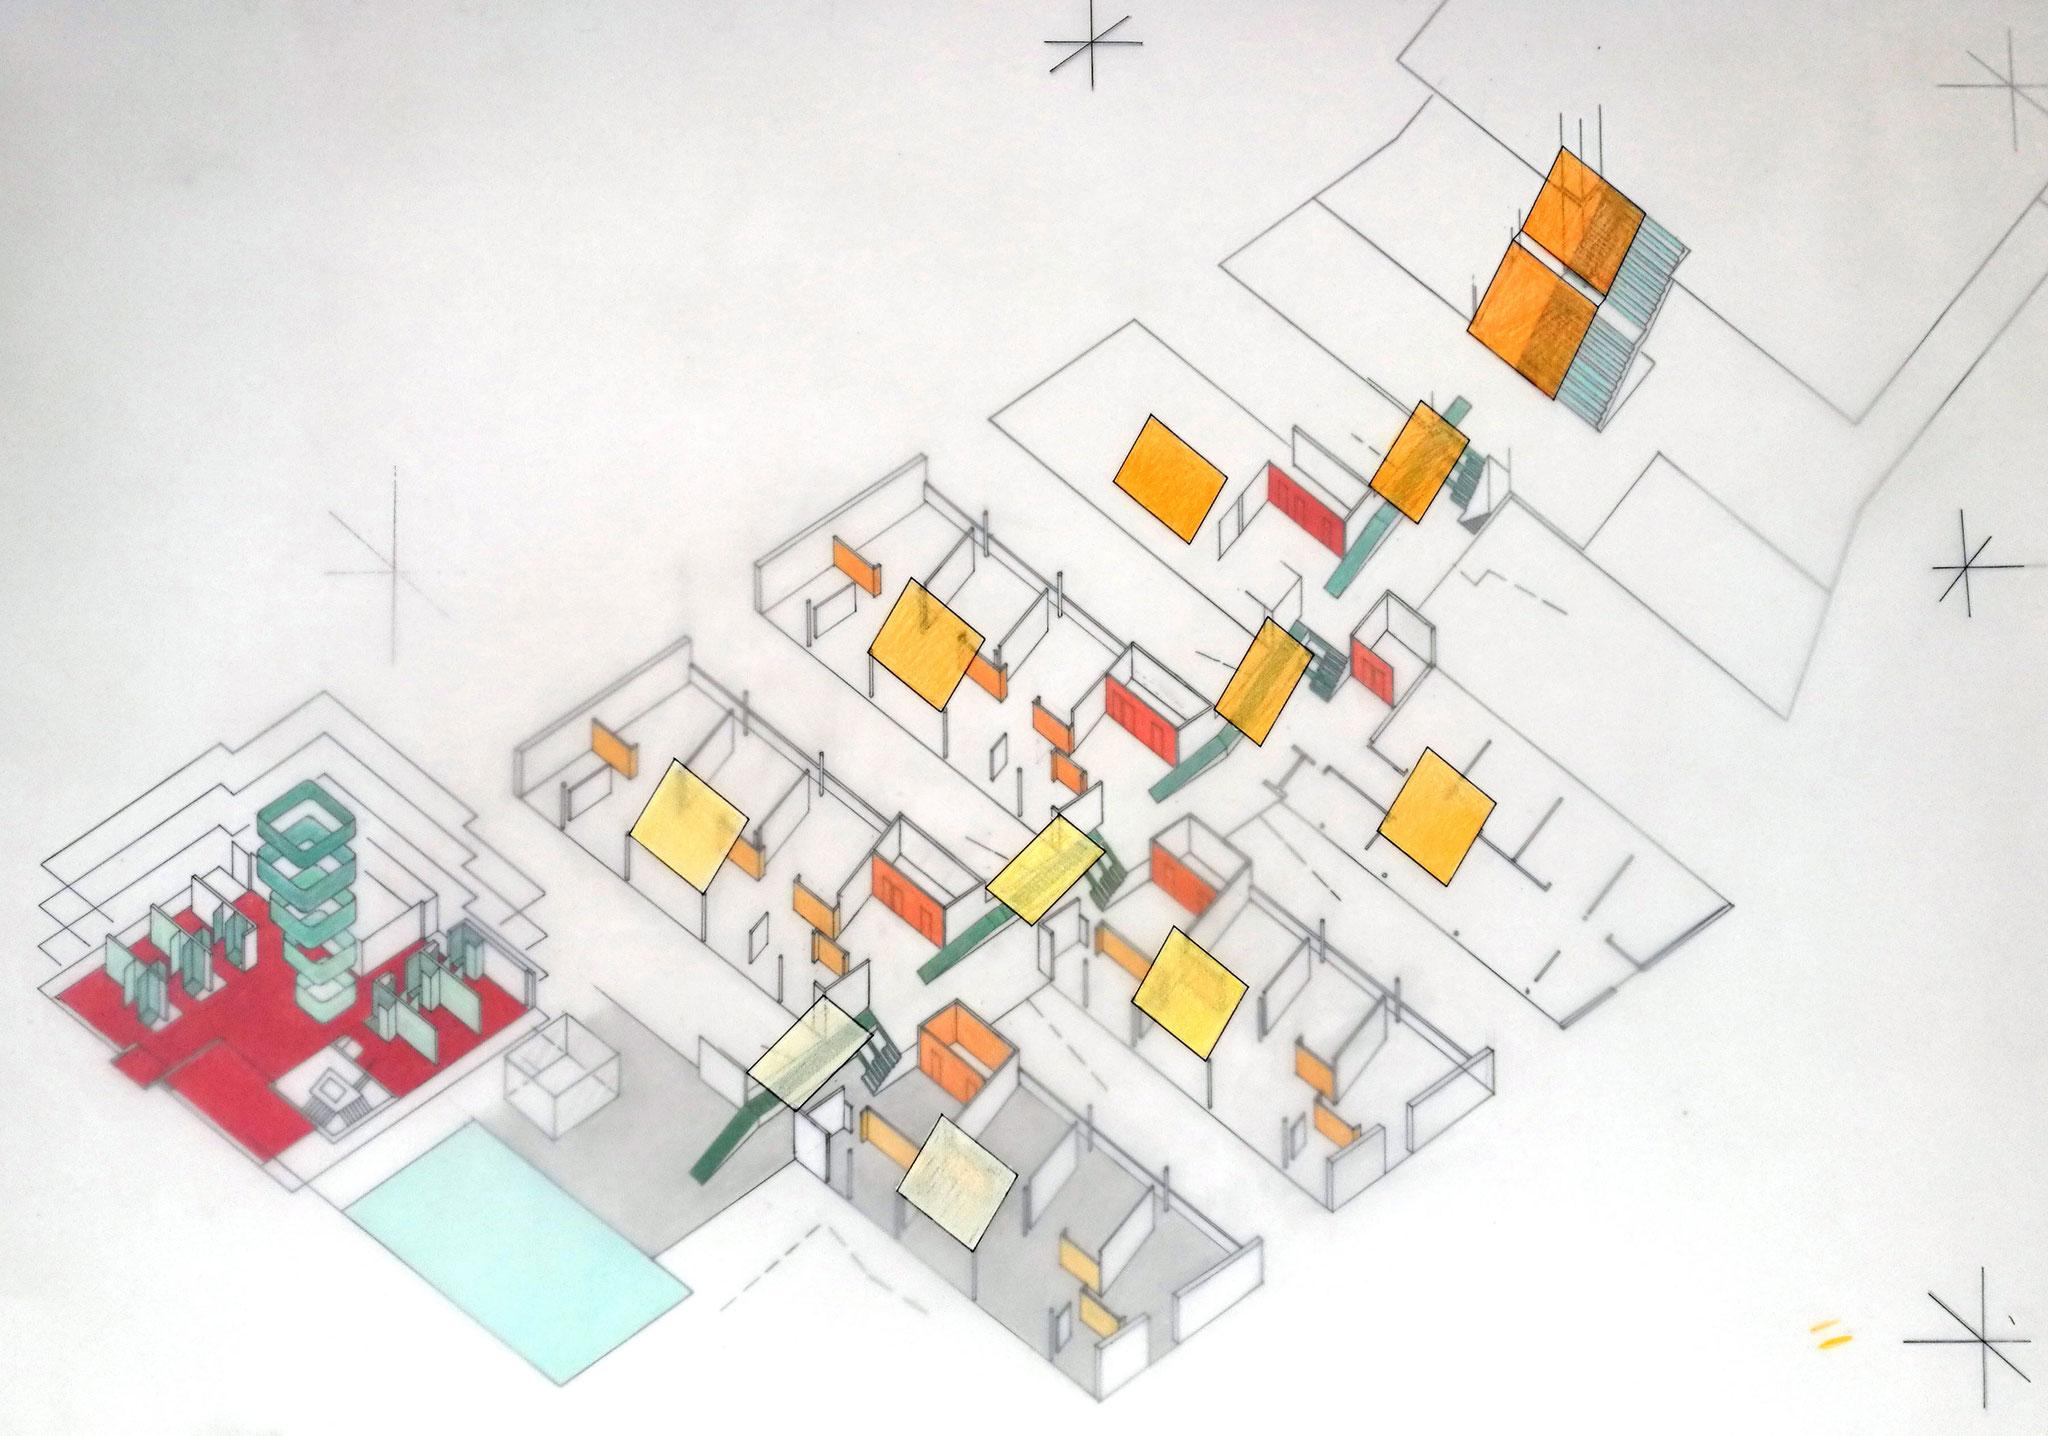 Cluster und Ski- Trainingszentrum, Wand- und Bodenfarben; Entwurf, Axonometrie